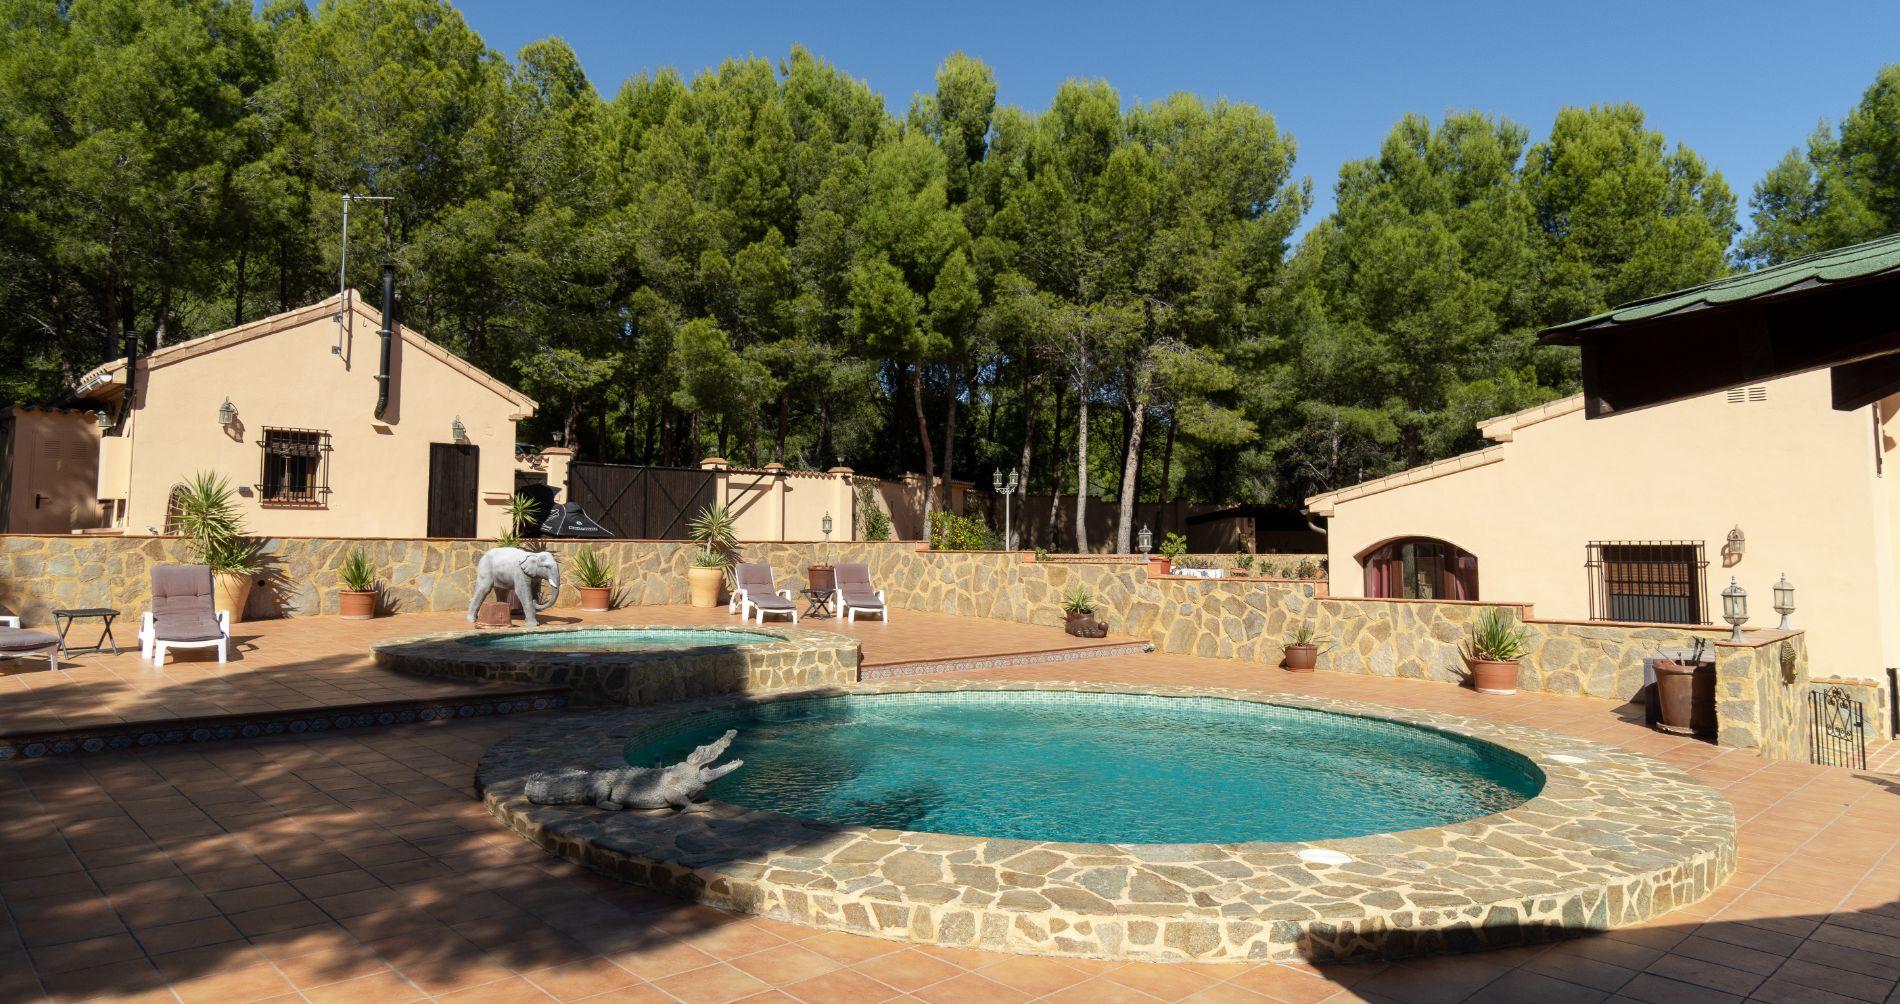 Fotogalería - 2 - Olea-Home   Real Estate en Orba y Teulada-Moraira  